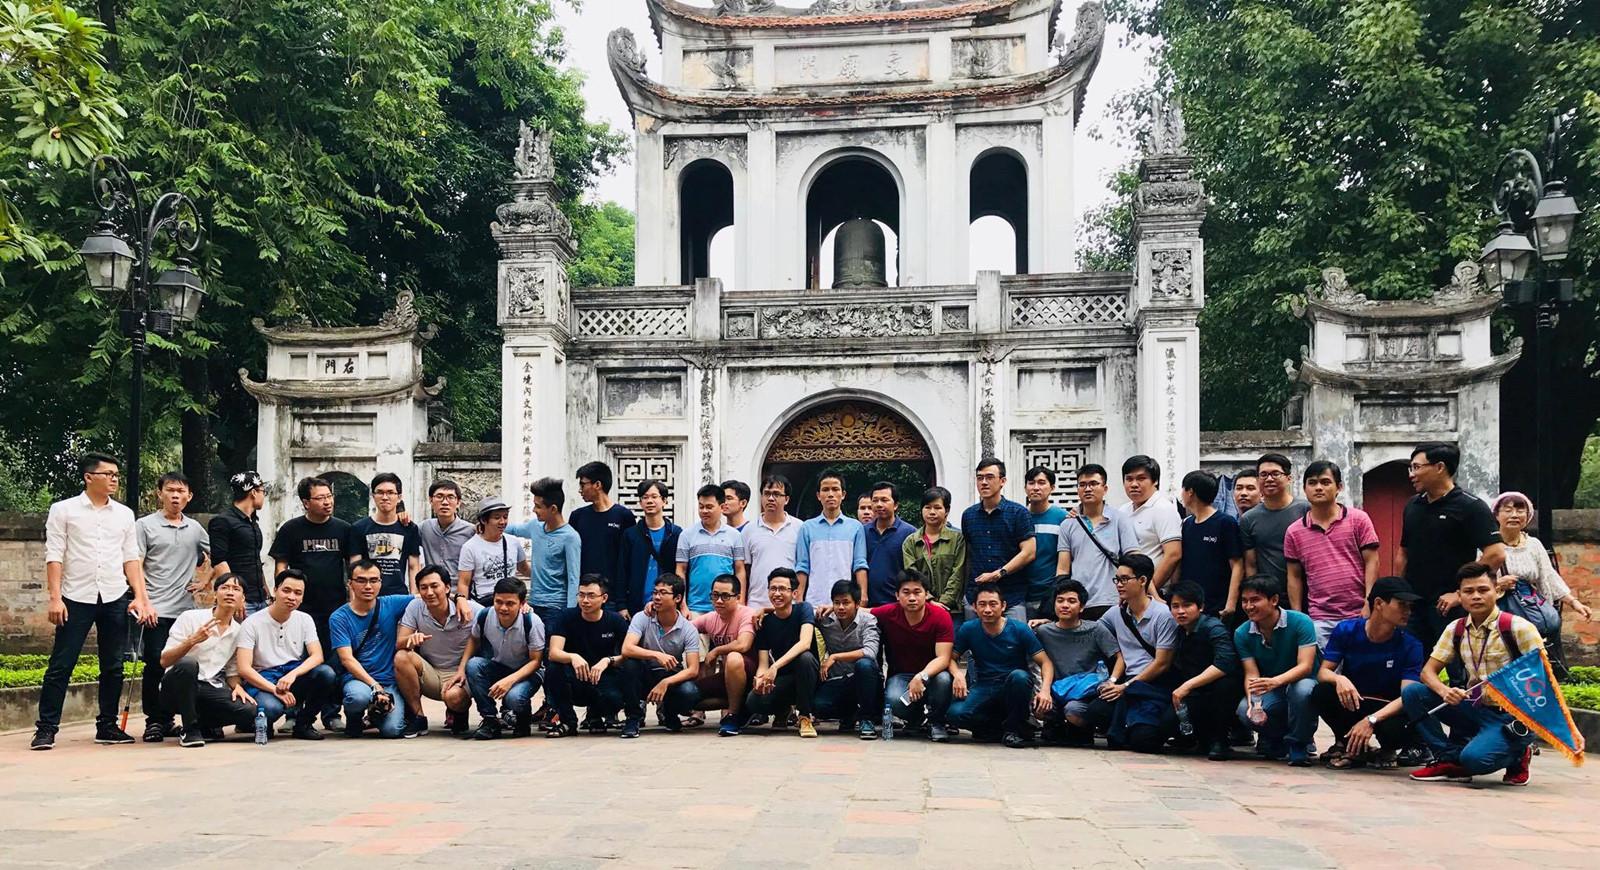 Hướng dẫn viên du lịch cho một đoàn thăm quan